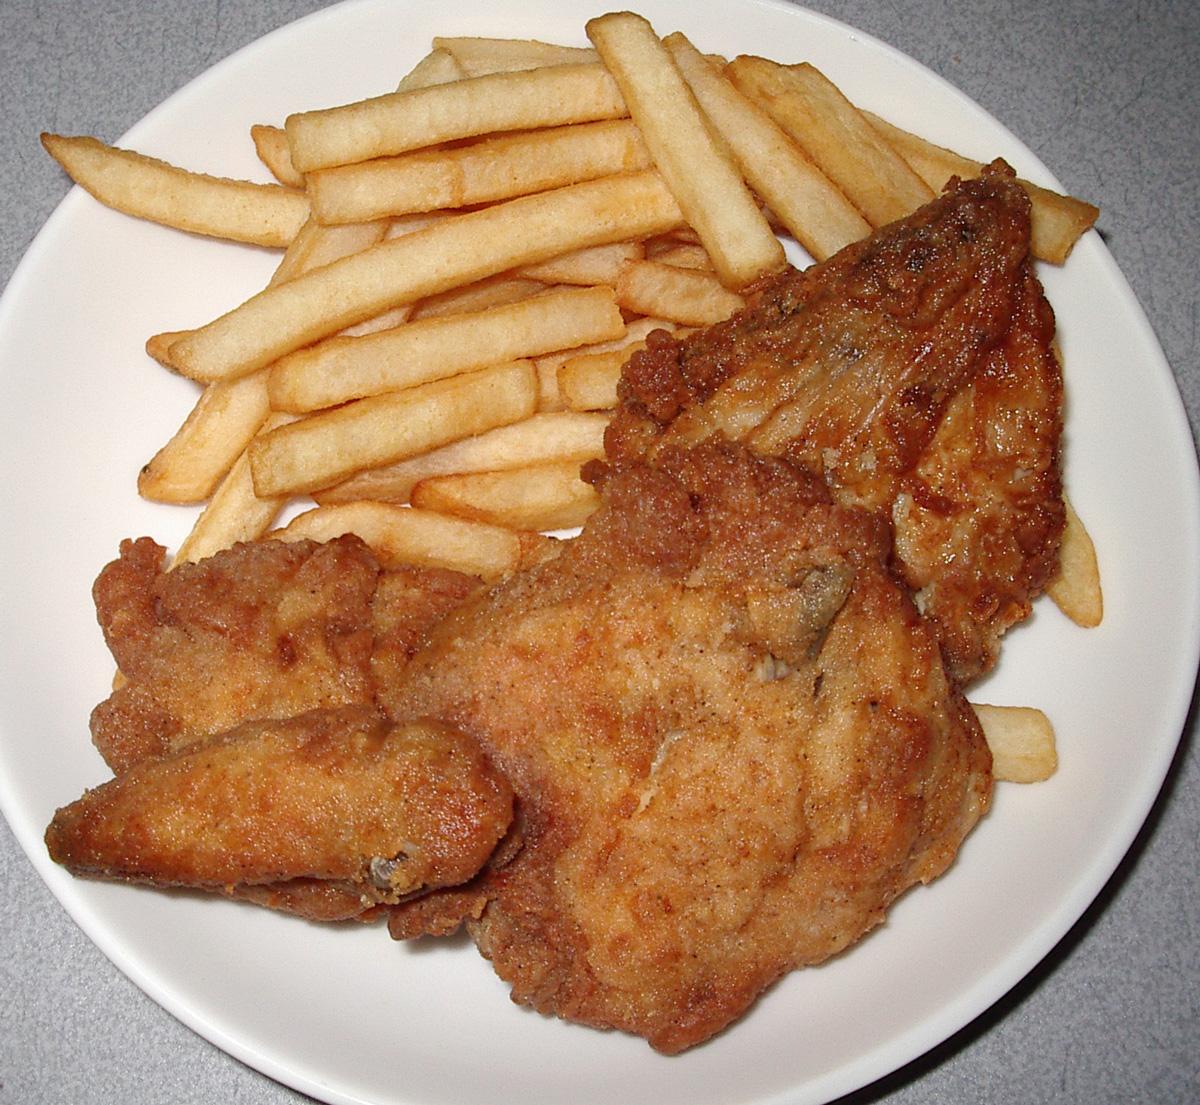 http://4.bp.blogspot.com/-gbTGoCDD7pw/Tepc5PkM0PI/AAAAAAAABwQ/QORN8GhZfZ4/s1600/kfc+chicken.jpg